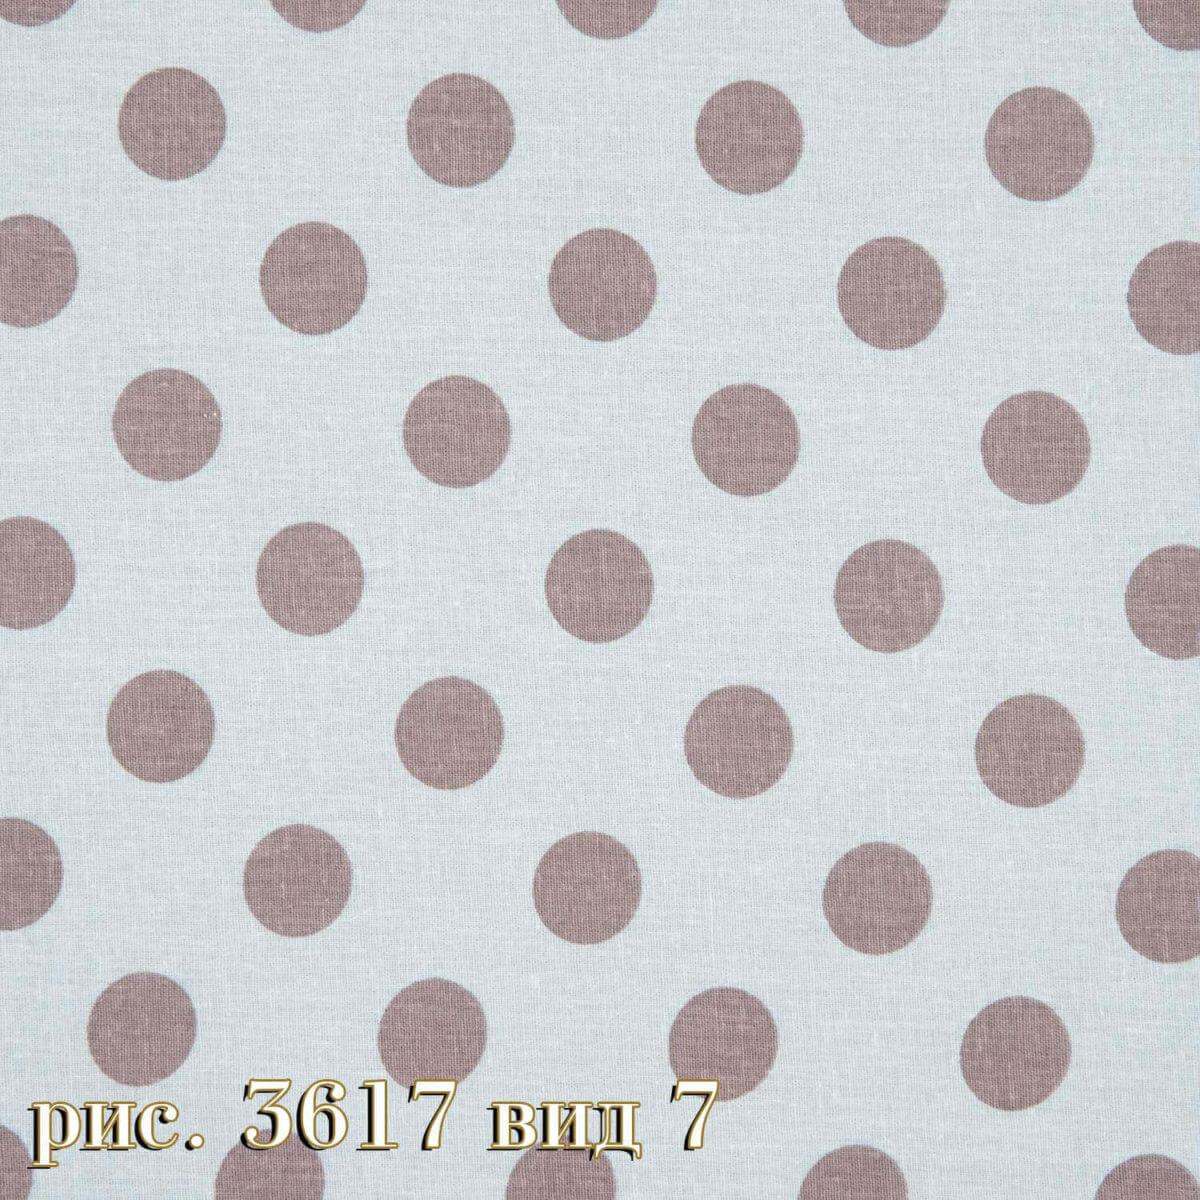 Фото 24 - Плательная ткань бязь 220 см (3617/9).